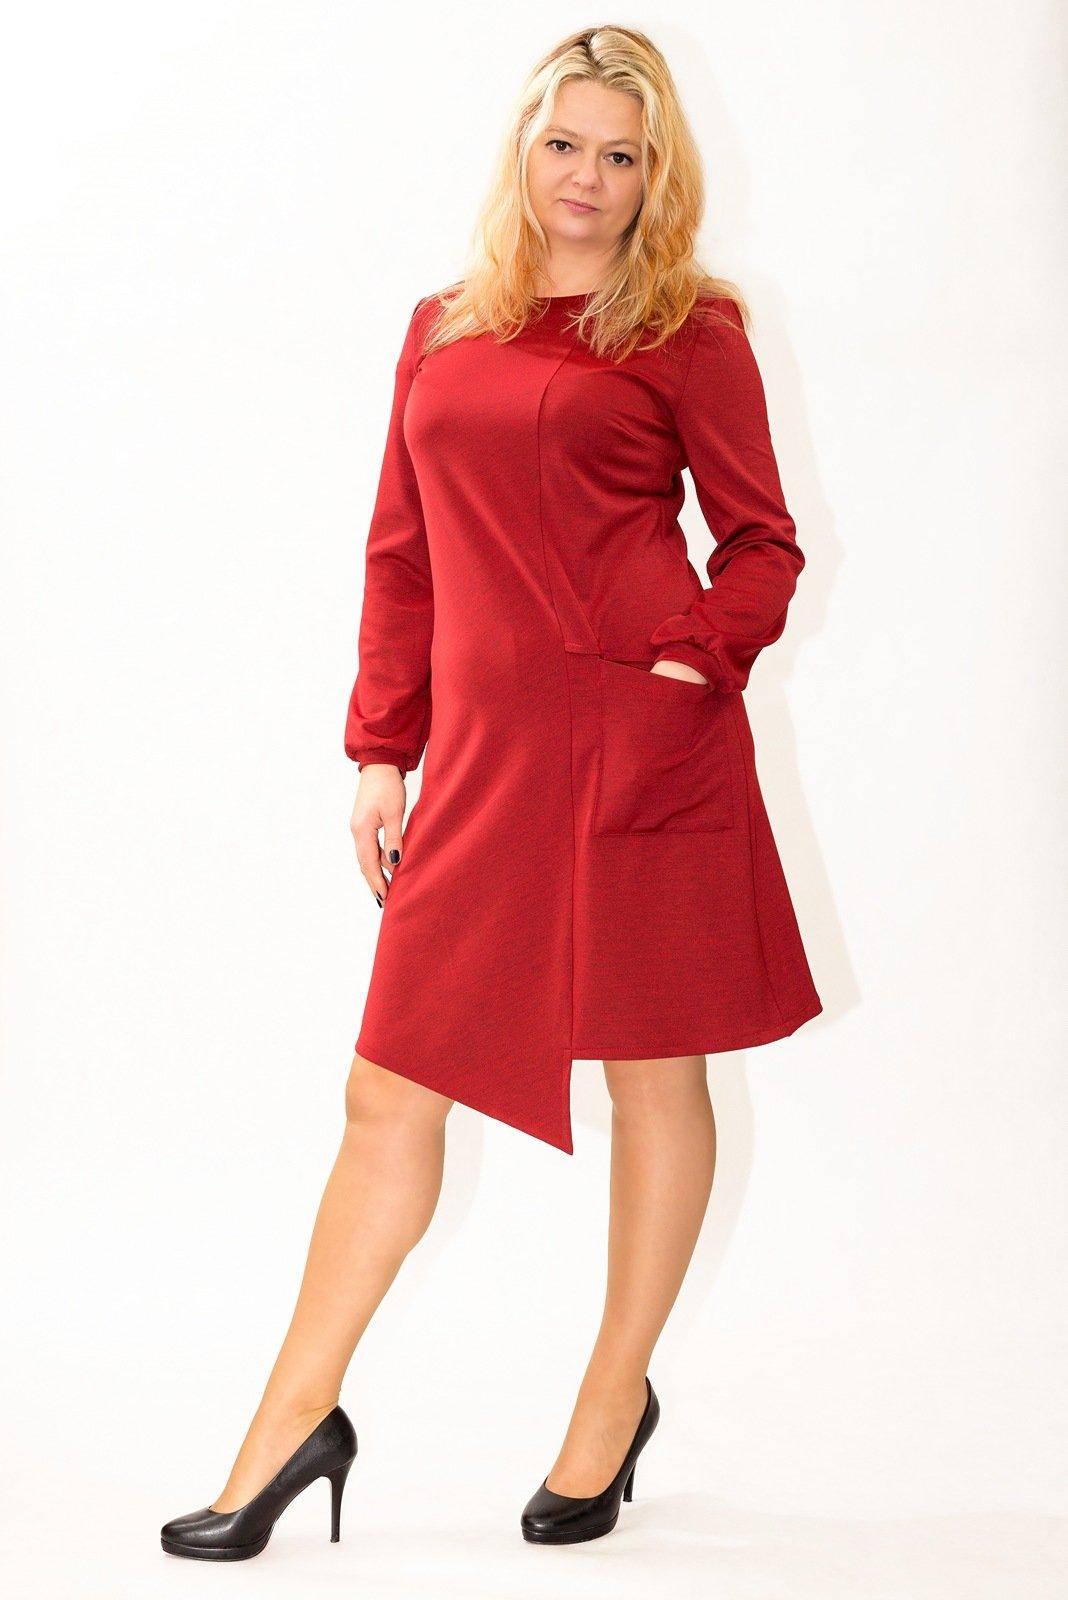 edbe7a7878 Sukienki PLUS SIZE do kolan dla puszystych - eleganckie sukienki ...